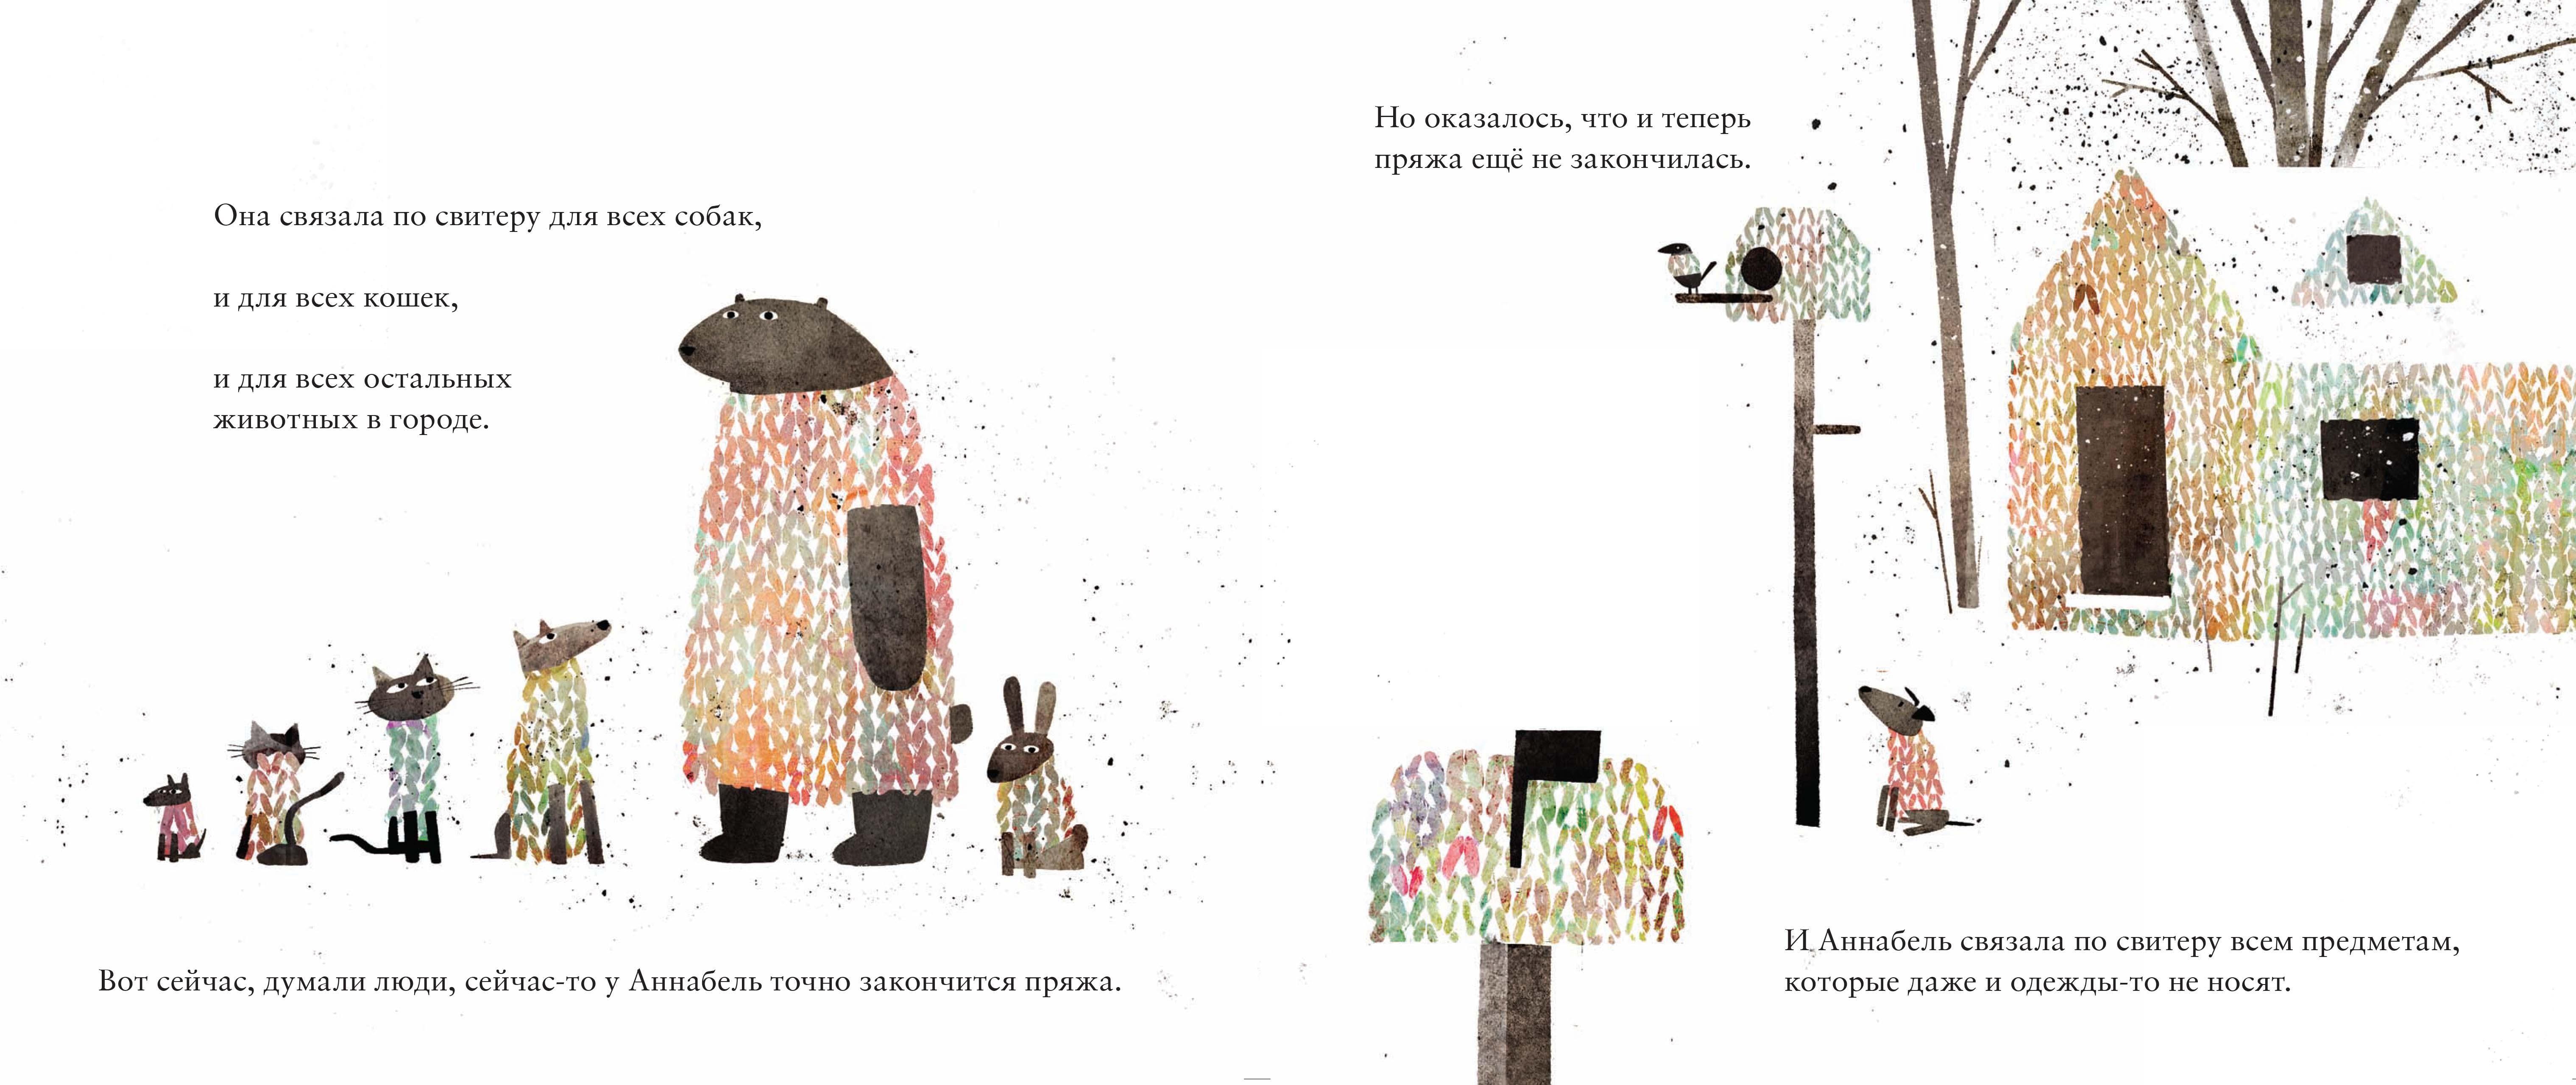 Иллюстрация из книги Мака Барнетта и Джона Классена Волшебная пряжа